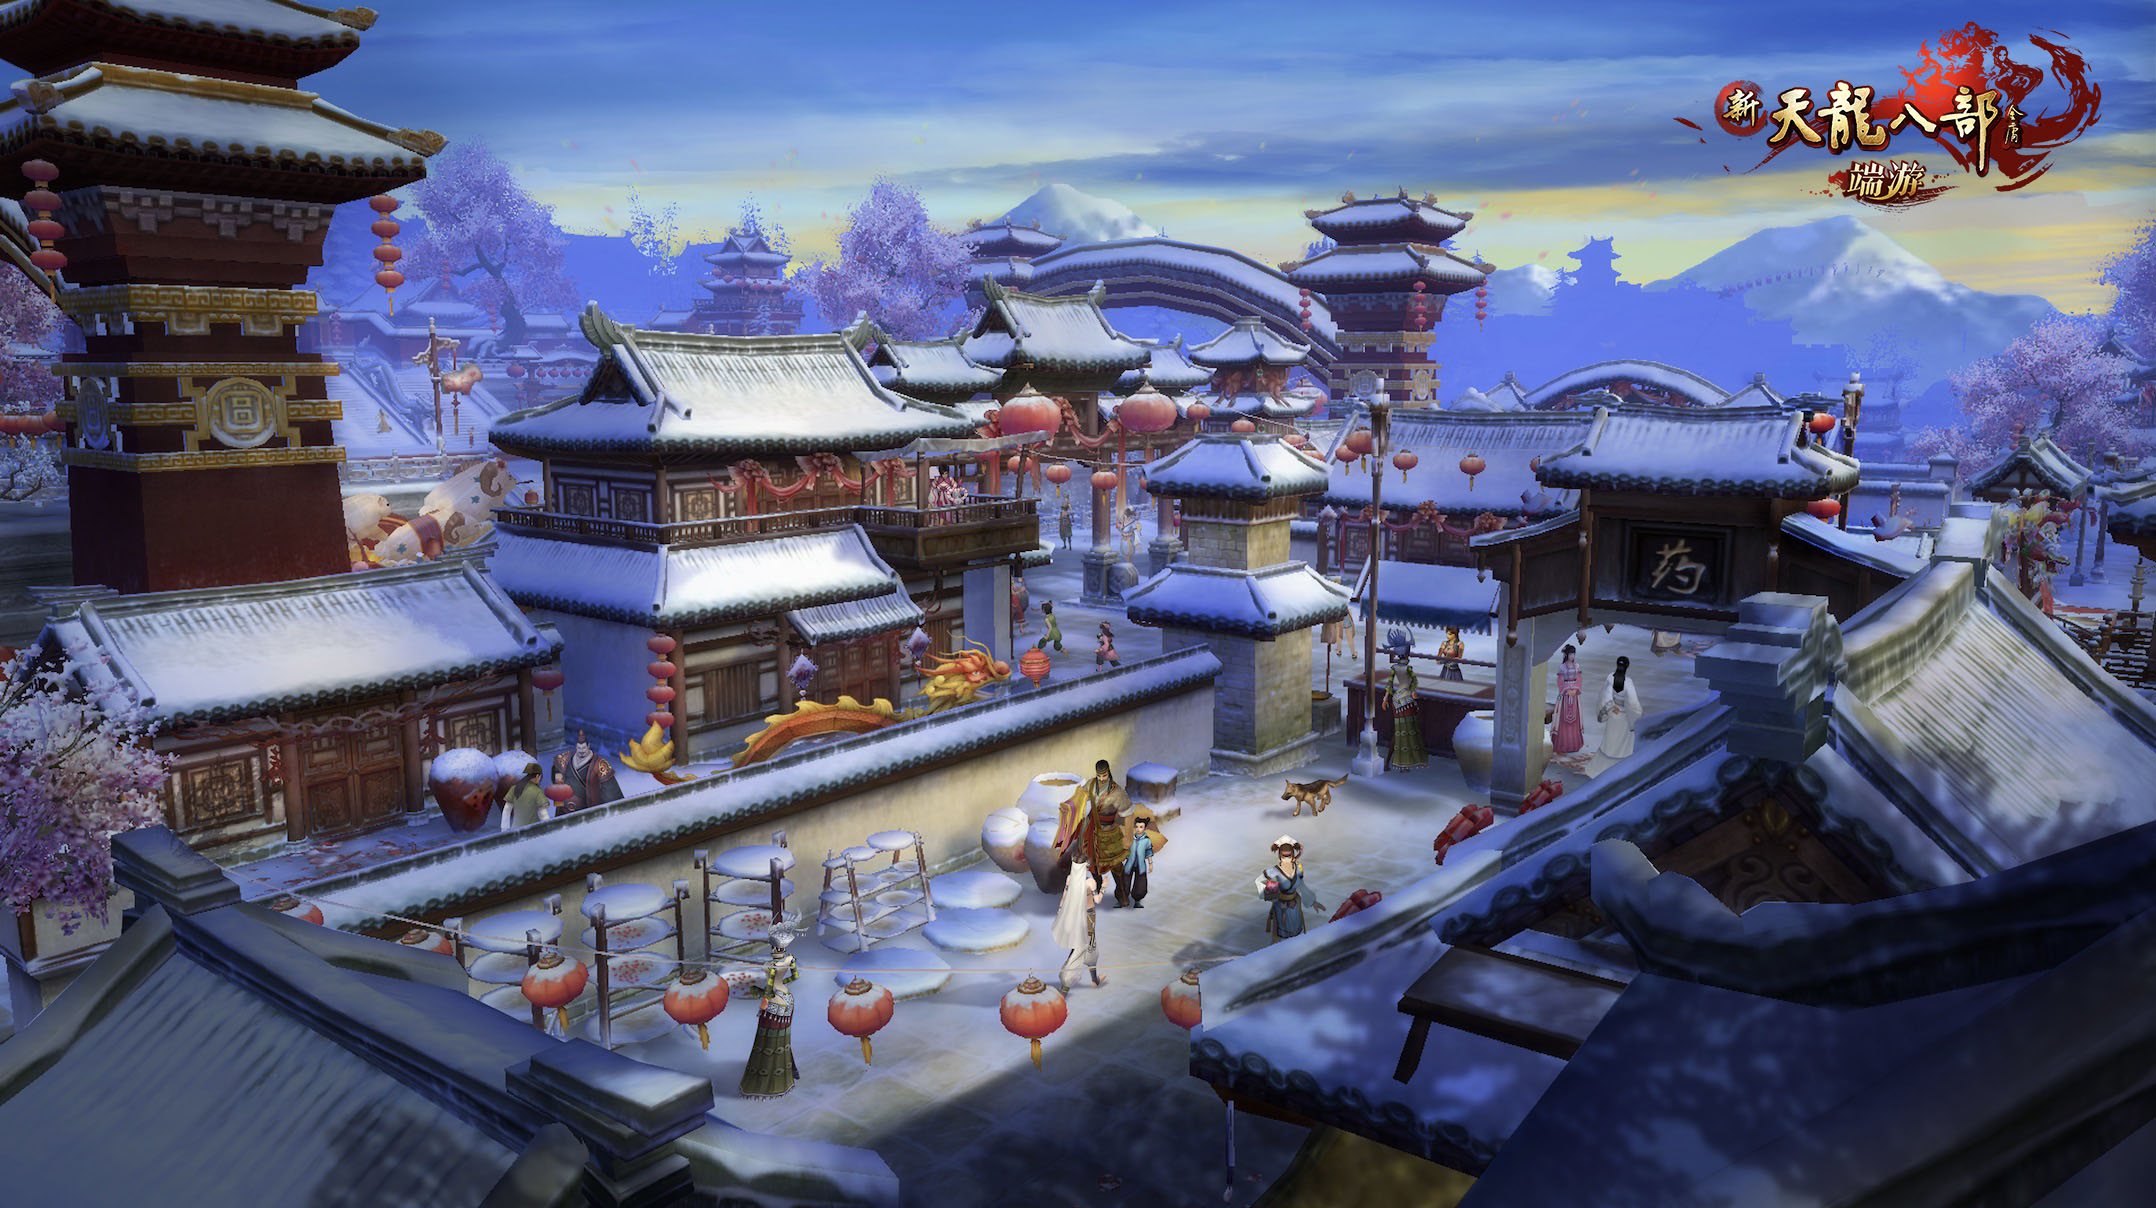 图2:洛阳雪景